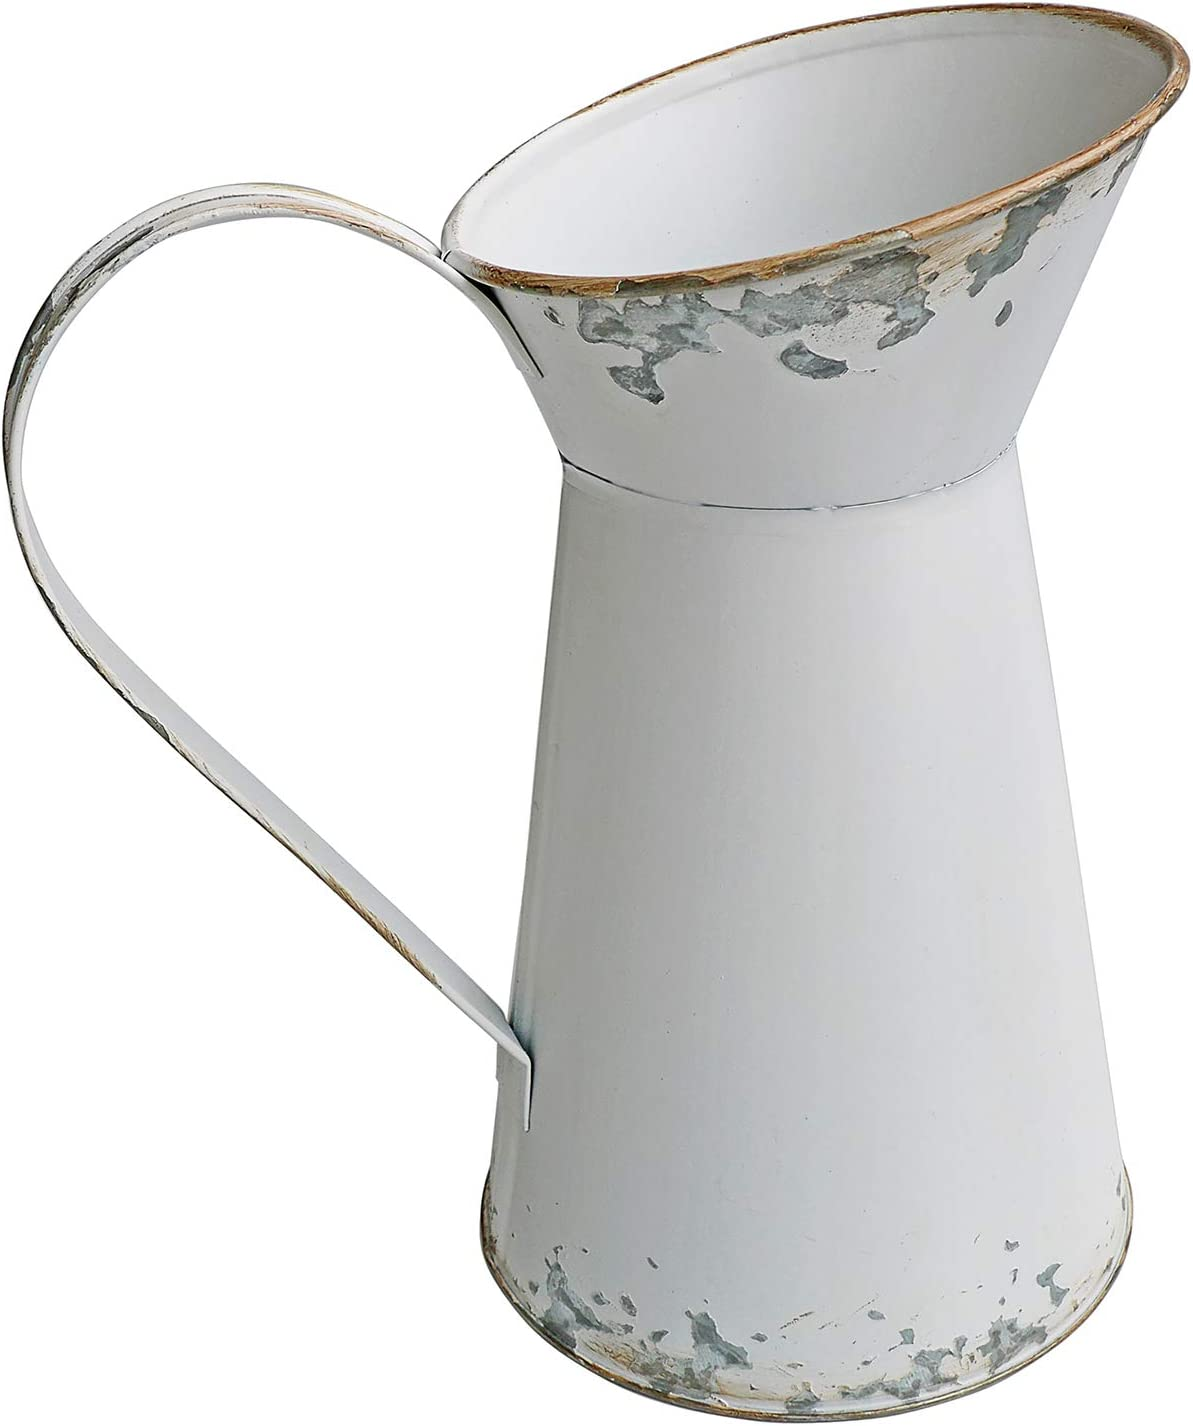 SHINGONE Vase de Fleurs en m/étal Blanc Petit Vase Vintage Pichet en m/étal D/écoration Maison Rustique Shabby Chic Pichet Blanc